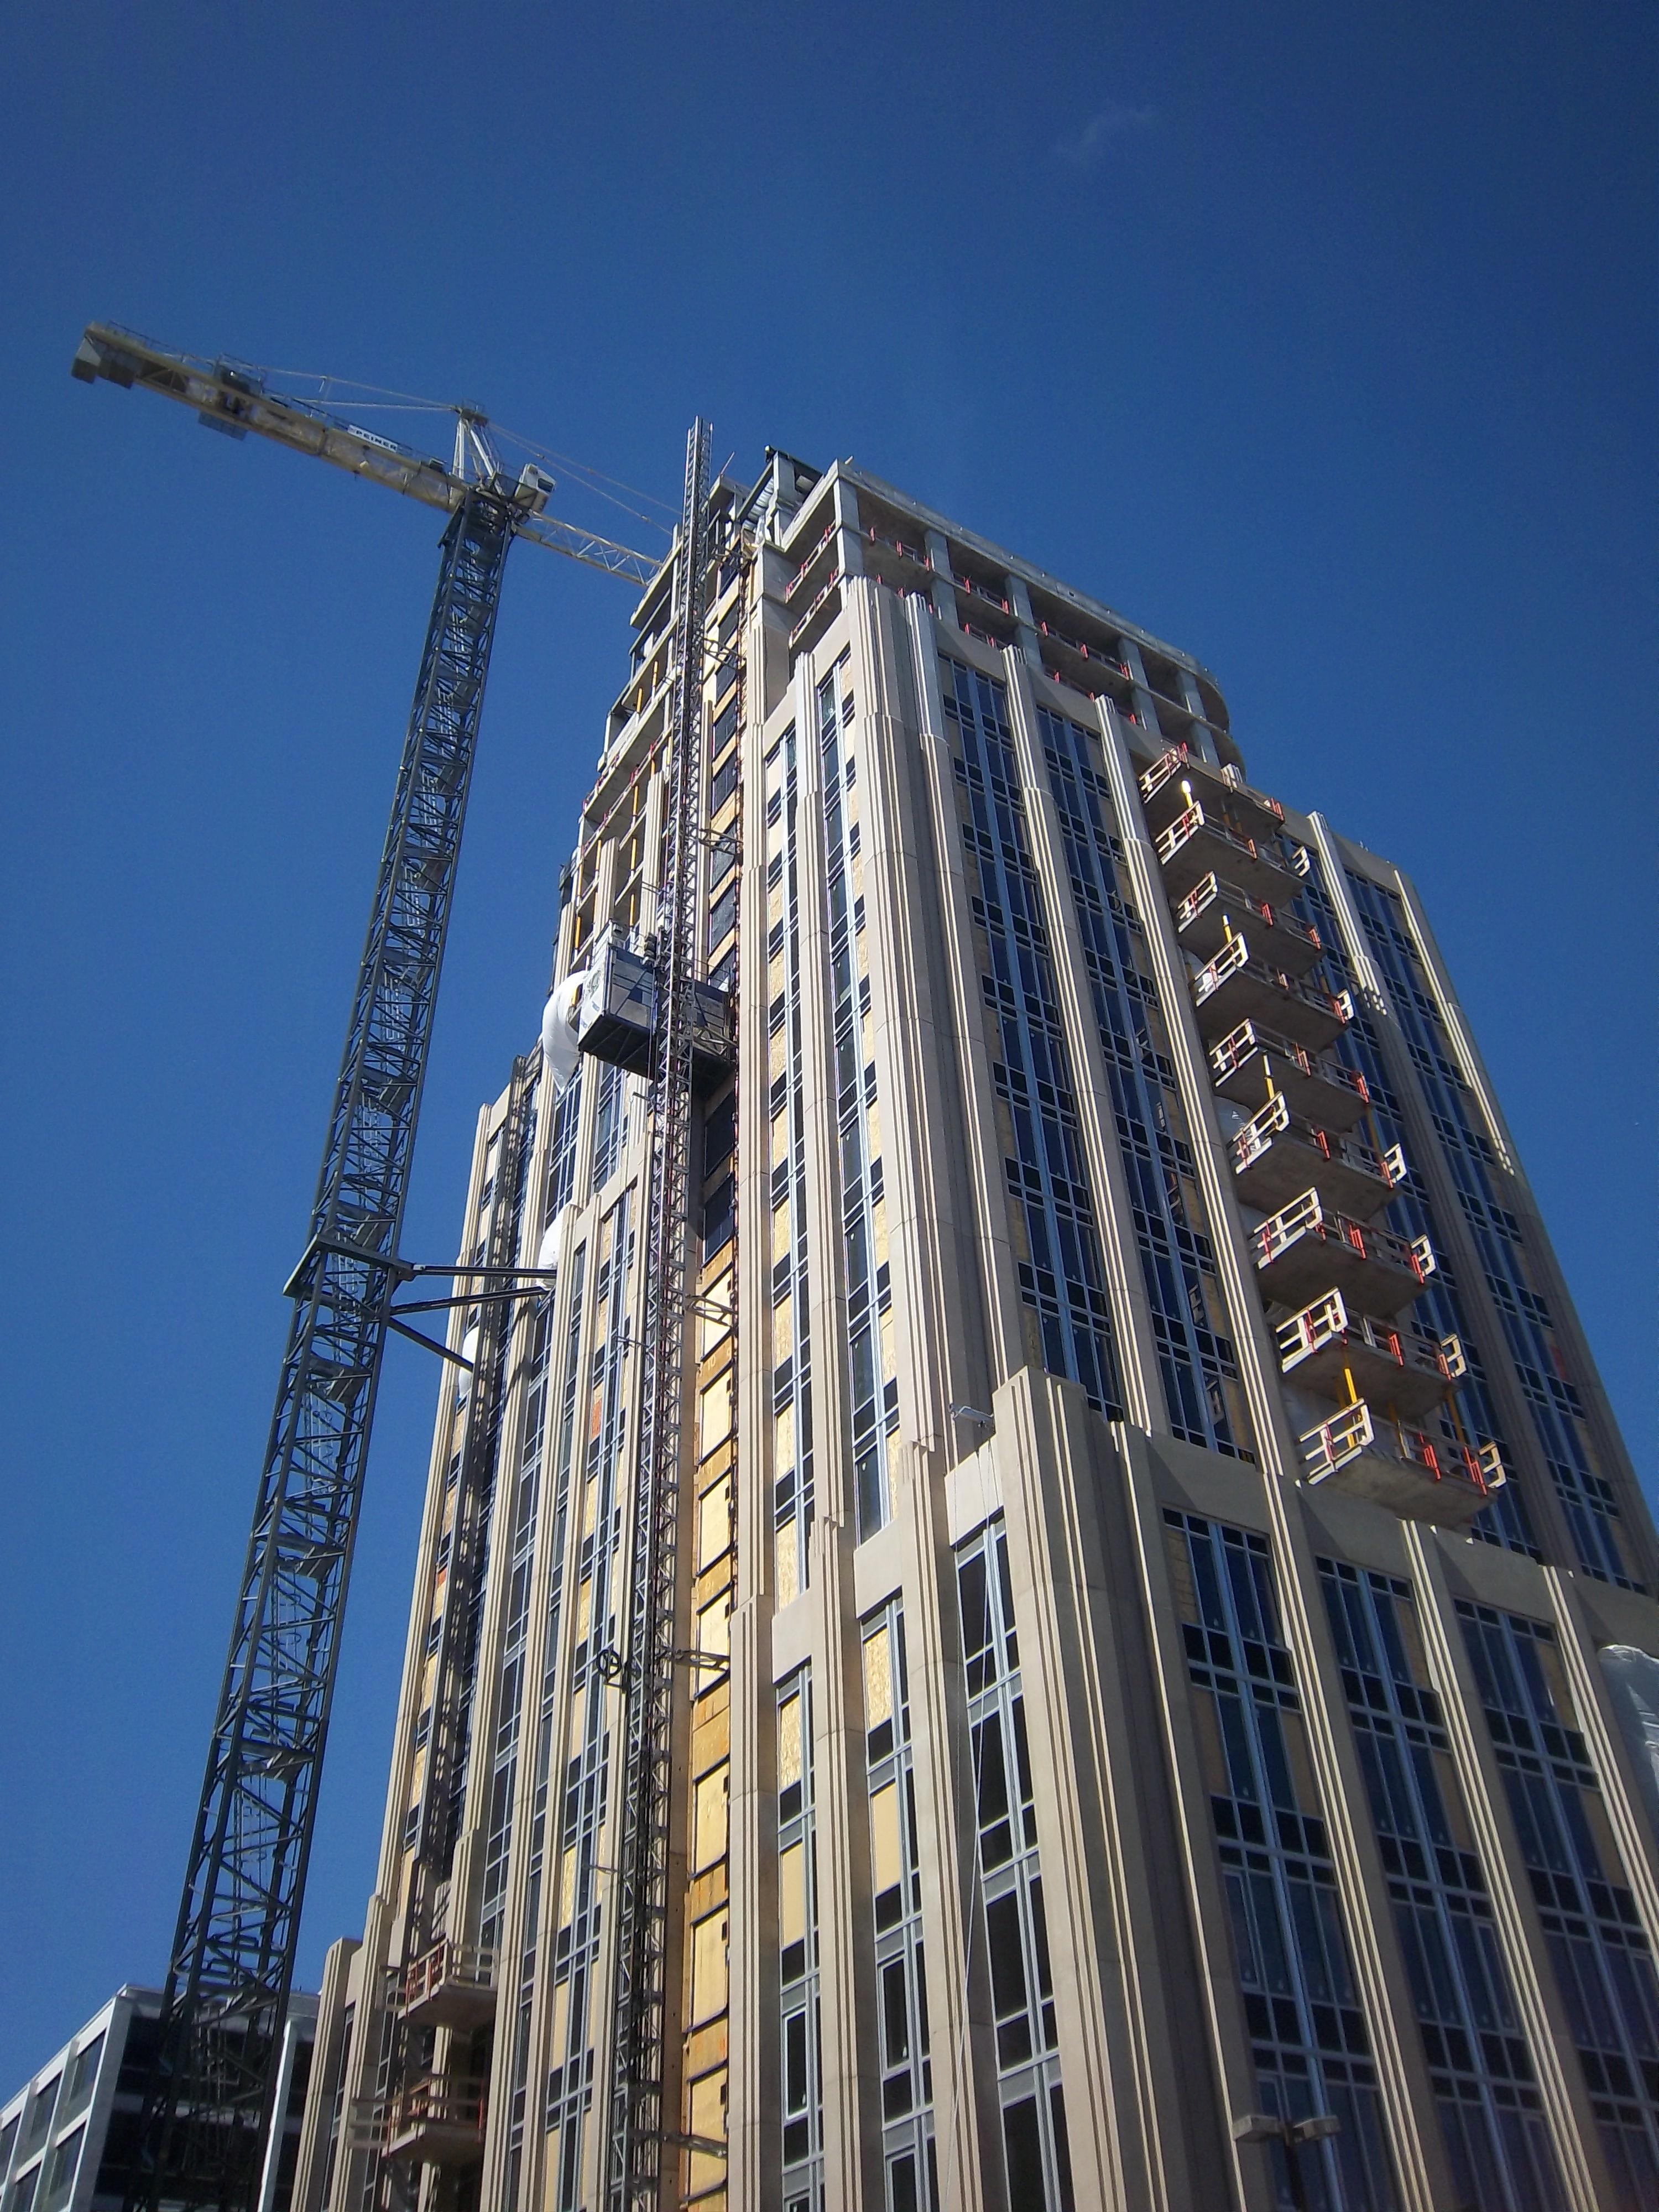 The Merit Condominium